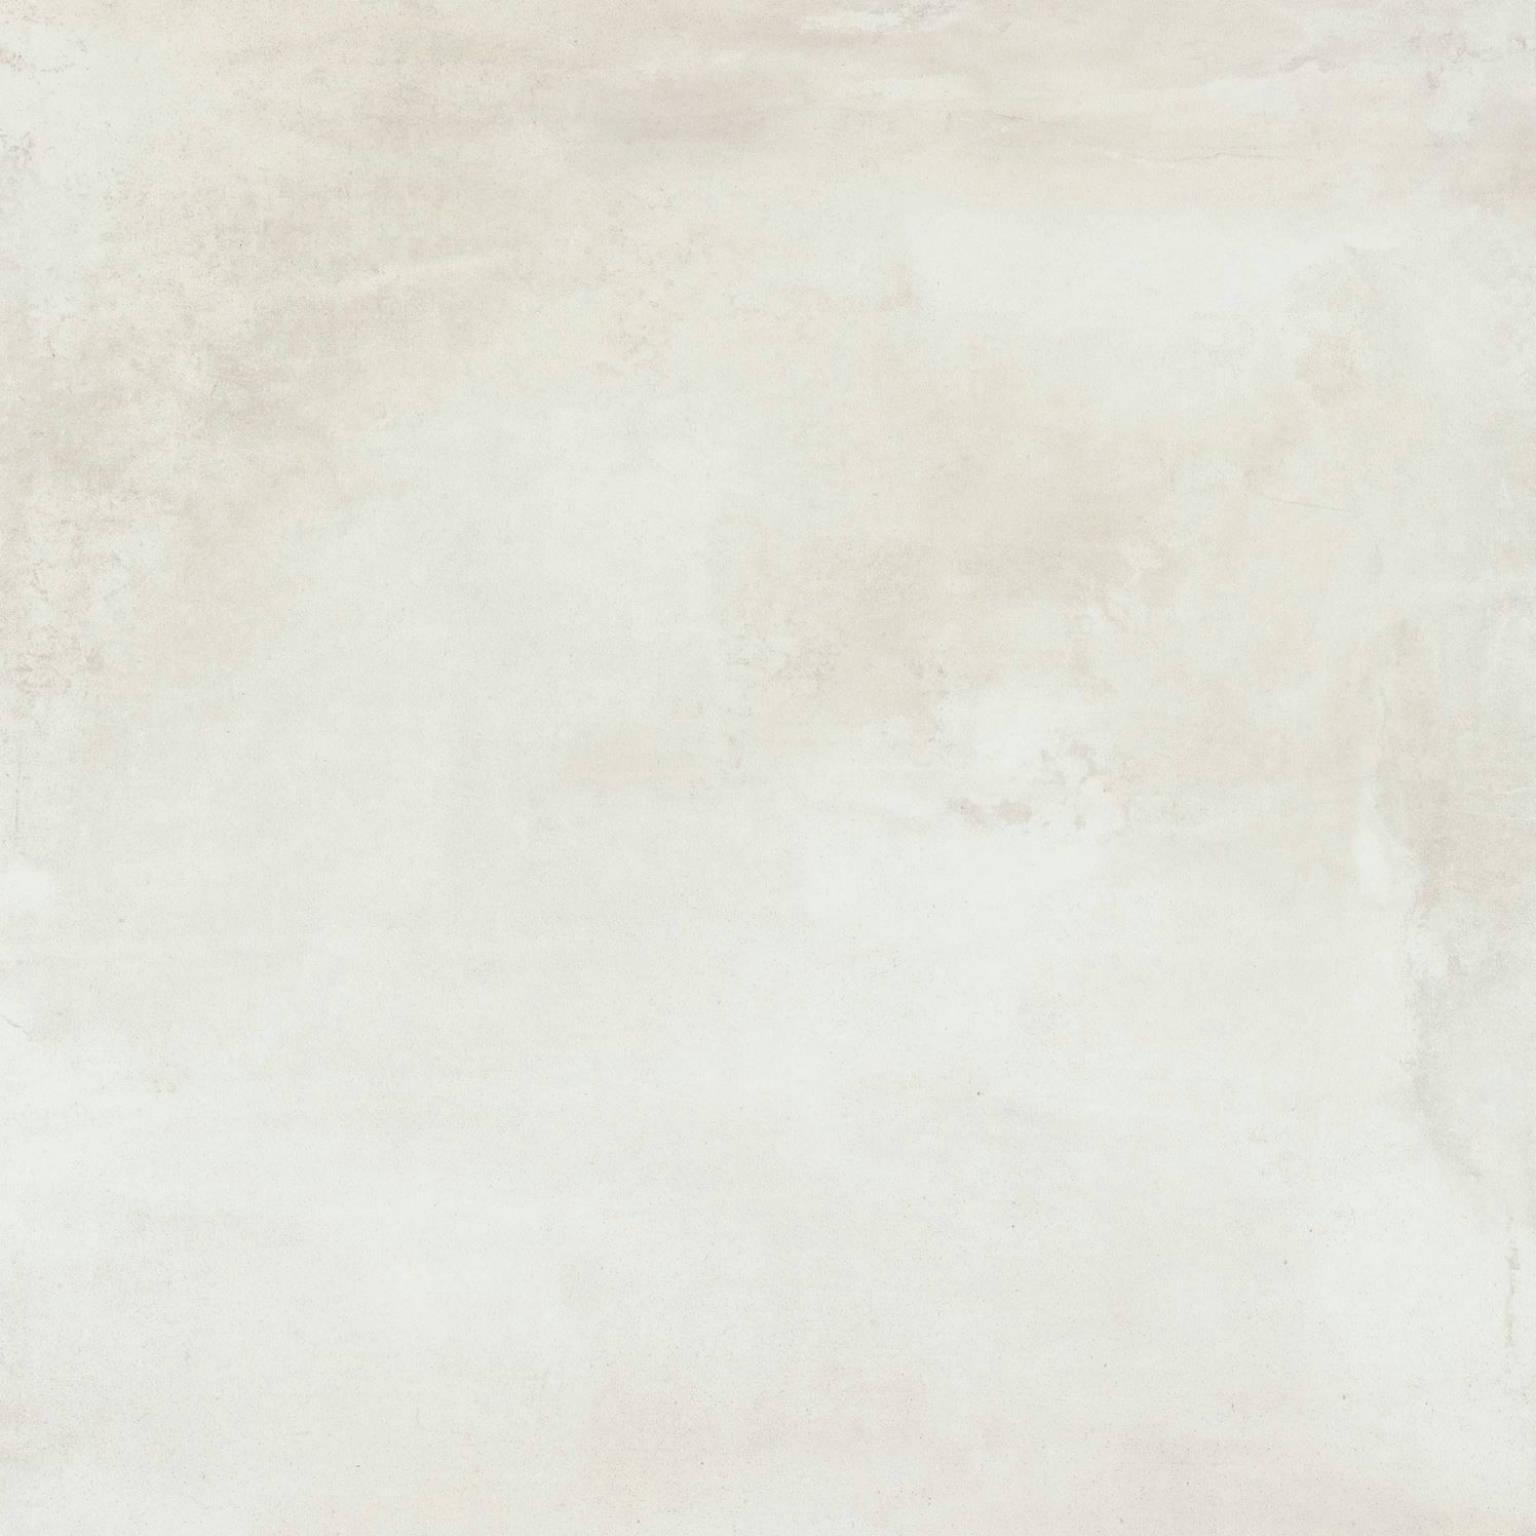 XBETON GRAVEL WHITE | Porcemall